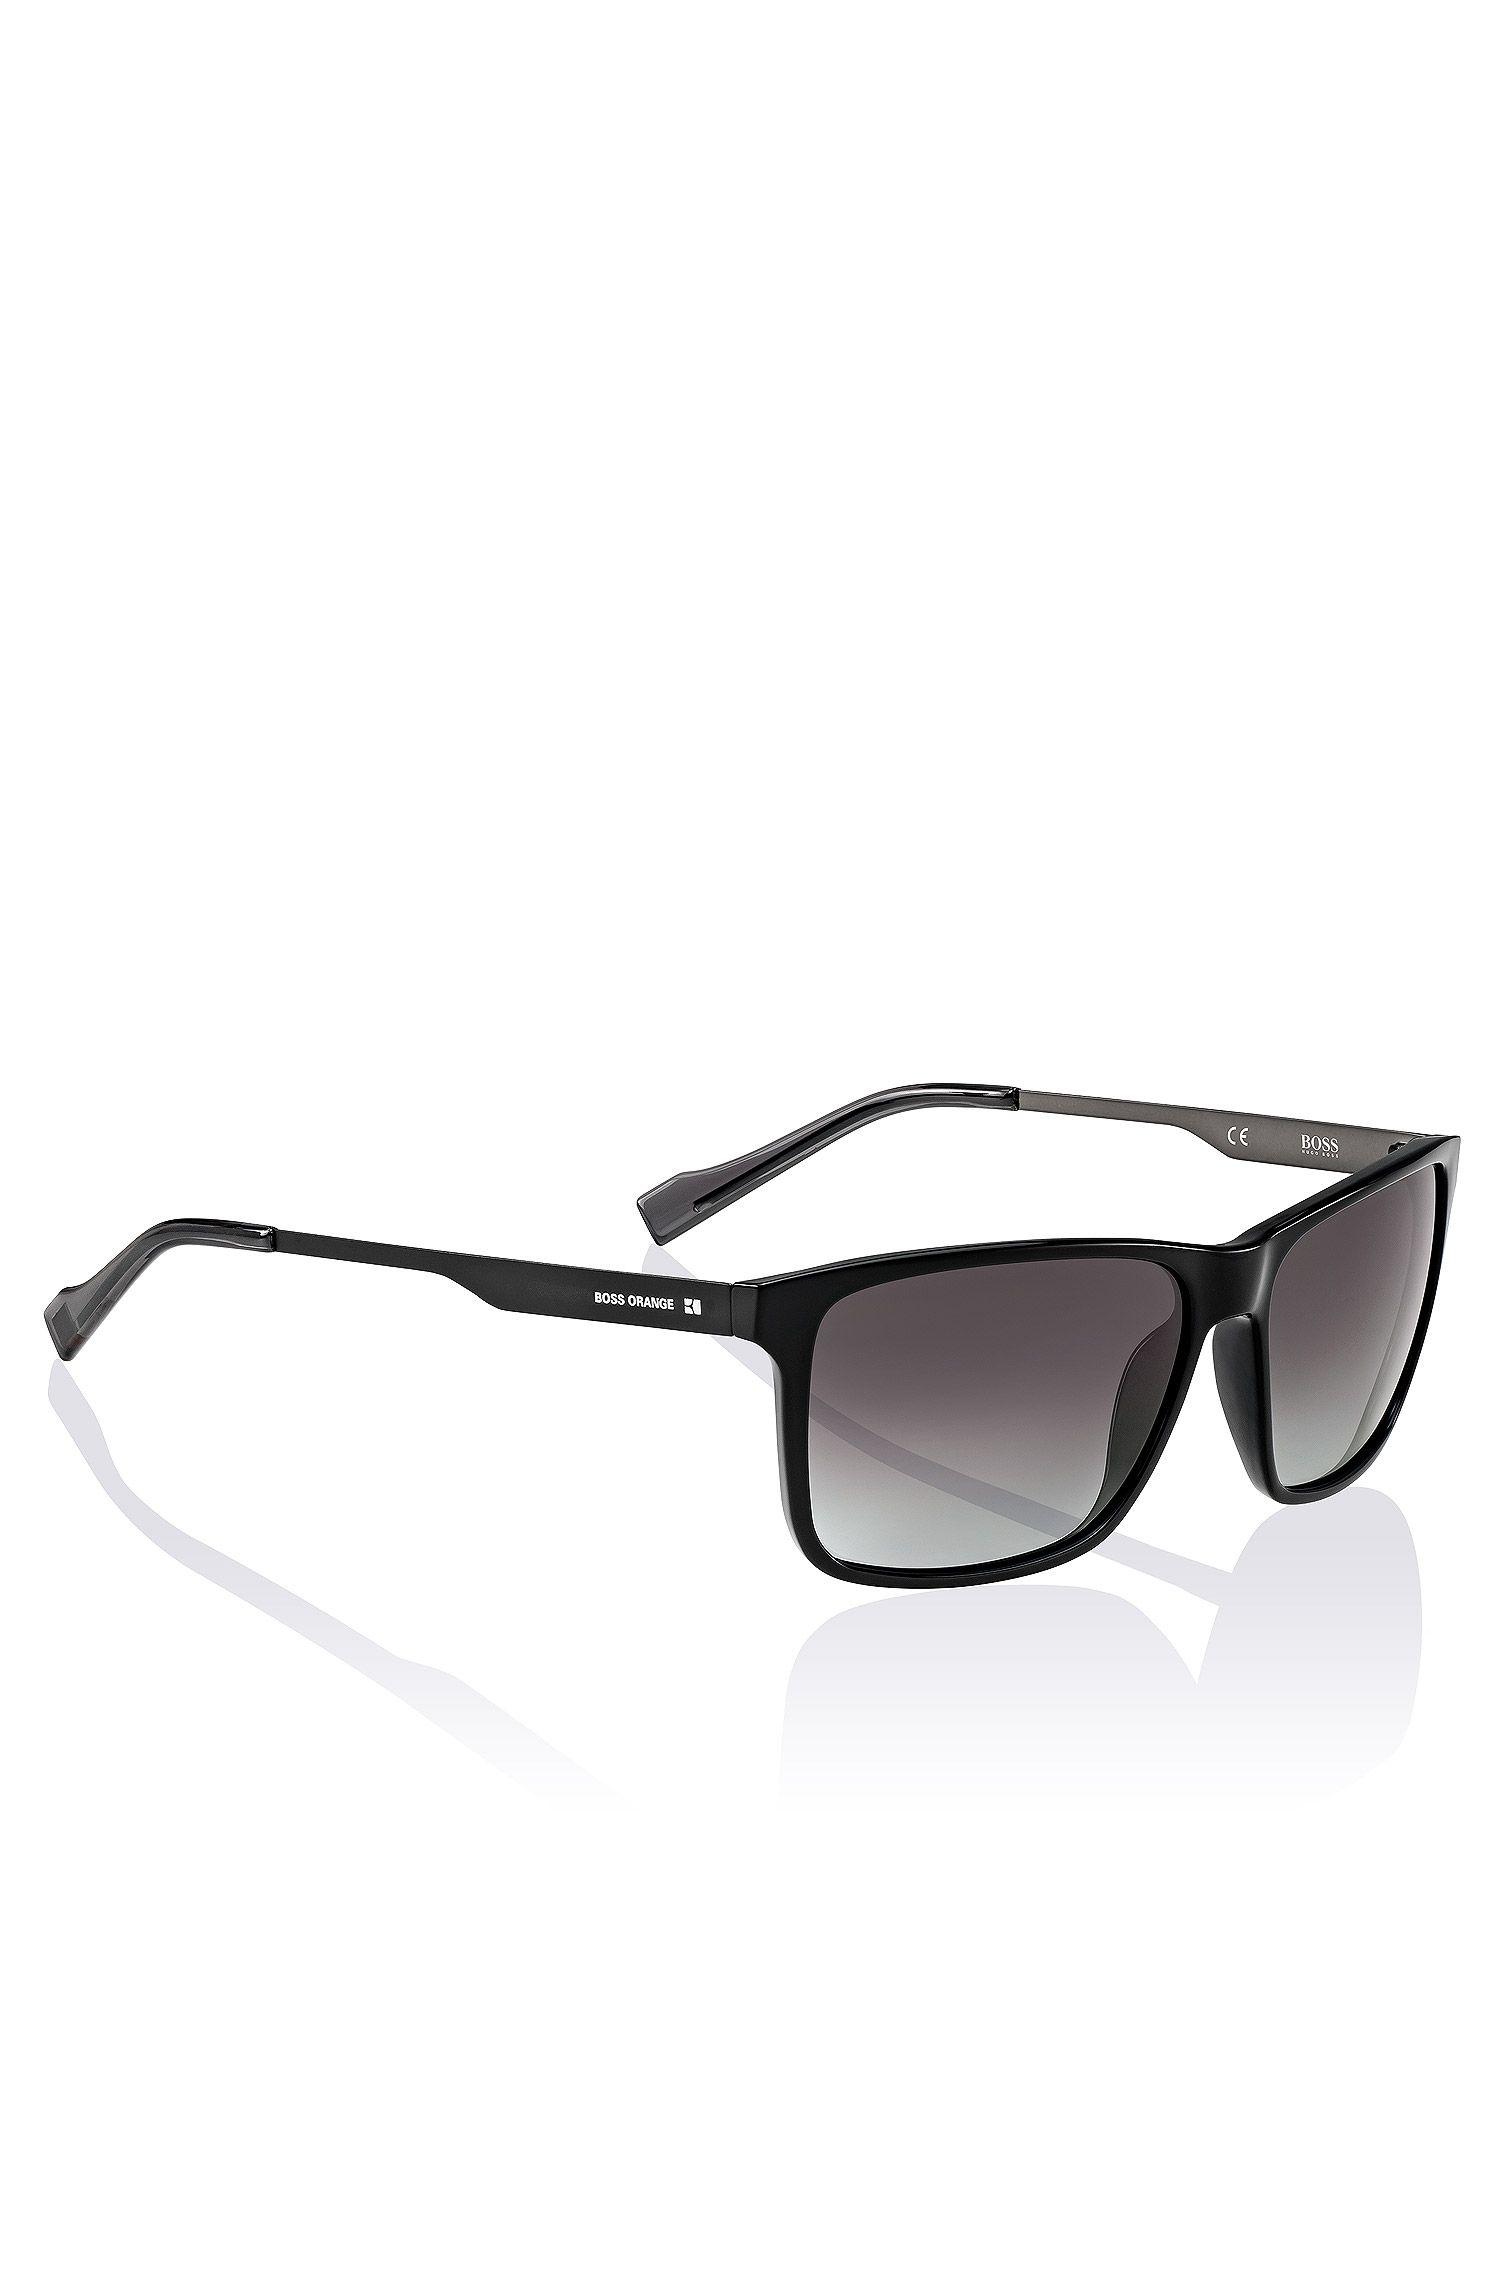 Sonnenbrille ´BO 0163/S` aus Edelstahl